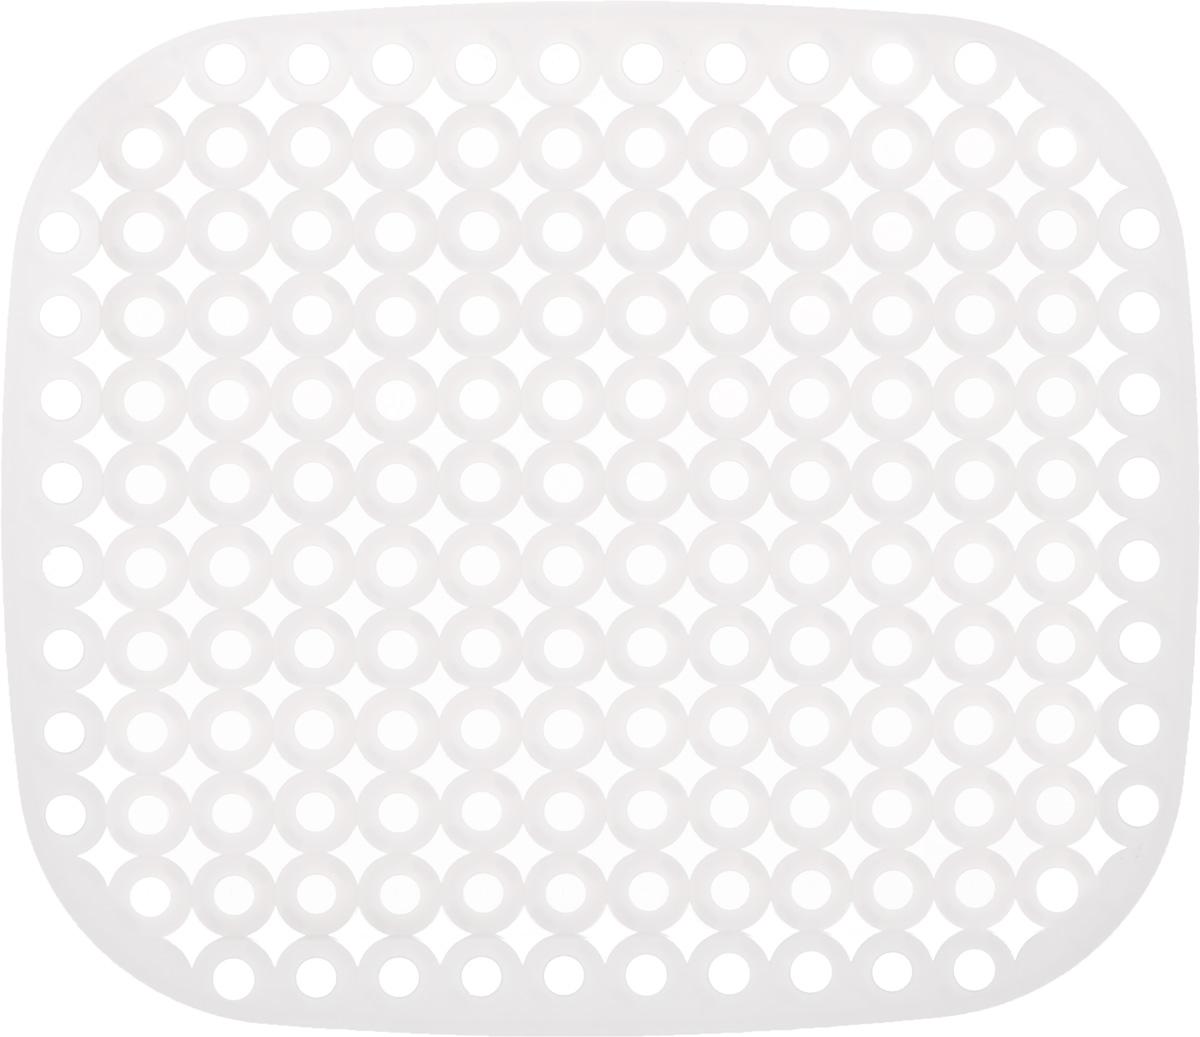 Коврик для раковины Tescoma Clean Kit, цвет: белый, 32 х 28 см900638Стильный и удобный коврик для раковины Tescoma Clean Kit выполнен из пластика. Он одновременно выполняет несколько функций: украшает, защищает мойку от царапин и сколов, смягчает удары при падении посуды в мойку, препятствует разбрызгиванию струи воды. Коврик также можно использовать для сушки посуды, фруктов и овощей. Нельзя мыть в посудомоечной машине.